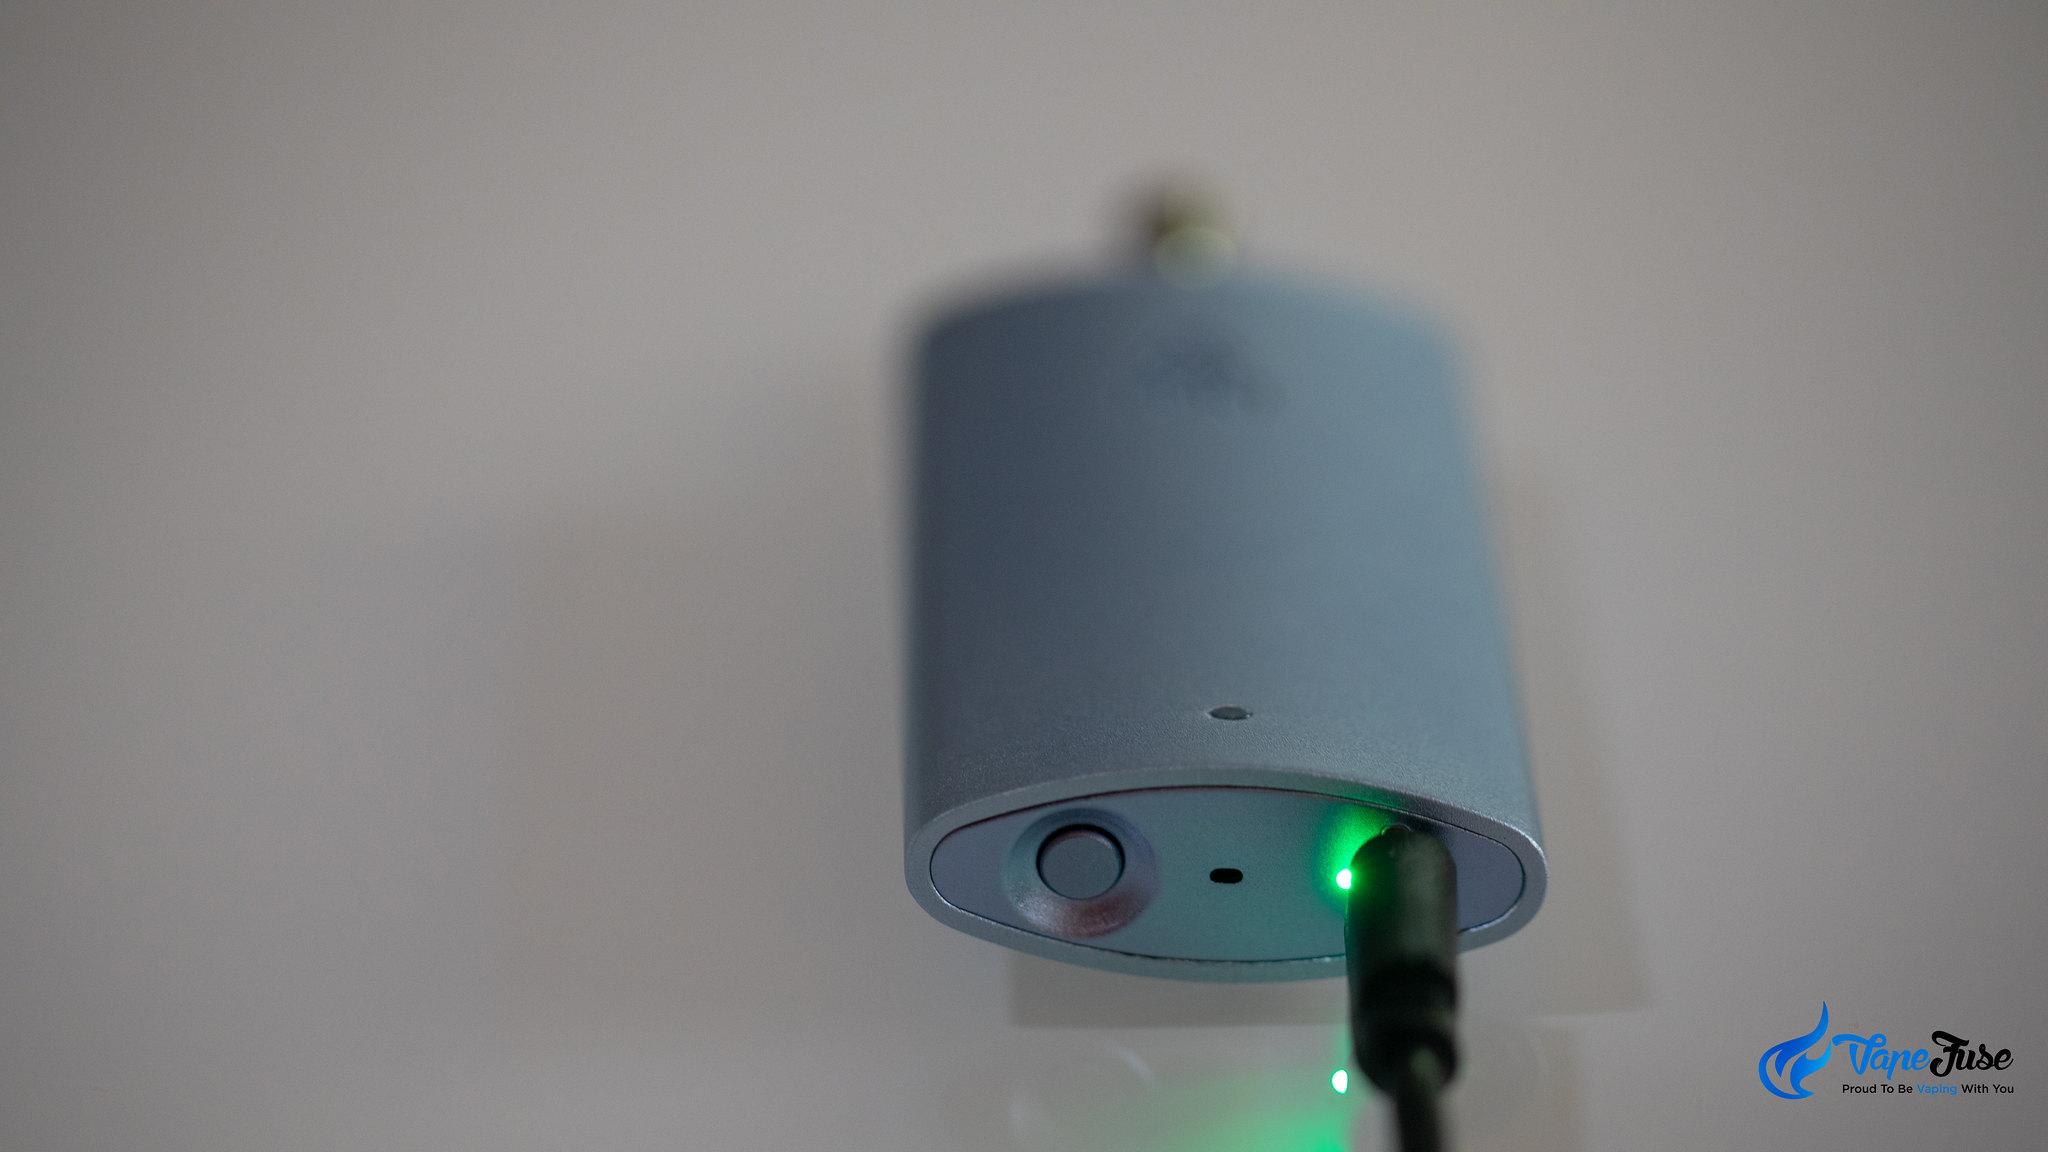 PCKT Vapor Unit vaporizer on the charger